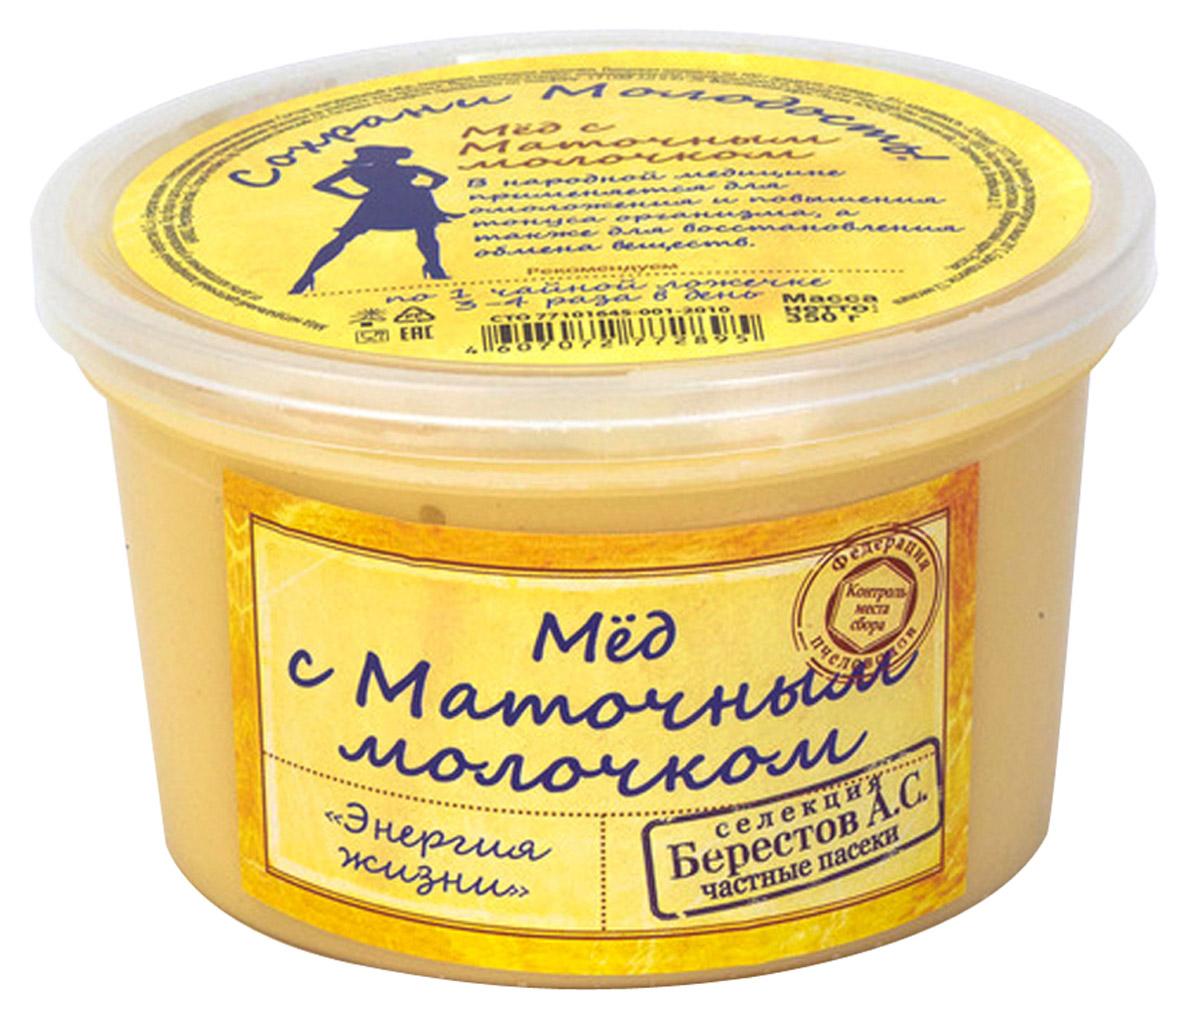 Берестов Мед с маточным молочком, 350 го0000003547Маточное молочко - редкий и дорогой продукт, очень питательный и со сложным полезным для человека химическим составом. Смешанное с мёдом, оно превращается в настоящий источник здоровья. Нежнейший сливочный вкус, и ванильный аромат с медовыми нотками, подарят истинное наслаждение. Тающая консистенция, до последней капли, чарует обволакивающим медовым послевкусием с легкой кислинкой. Лечебные свойства: В маточном молочке содержатся белки, схожие по составу с белками сыворотки крови; углеводы, витамины, свободные жирные кислоты, минеральные соли, микроэлементы, жизненно необходимые витамины A, D, B1, B2, B3, B6, B12, B15, H, E, PP и янтарную кислоту. Маточное молочко обладает бактериостатическим и бактерицидным свойствами, вызывает бодрость, повышает жизненный тонус, нормализует обменные процессы, улучшает зрение, память и омолаживает организм в целом. Сезонная коллекция меда Берестов. Мед контролируемого места происхождения. В состав...